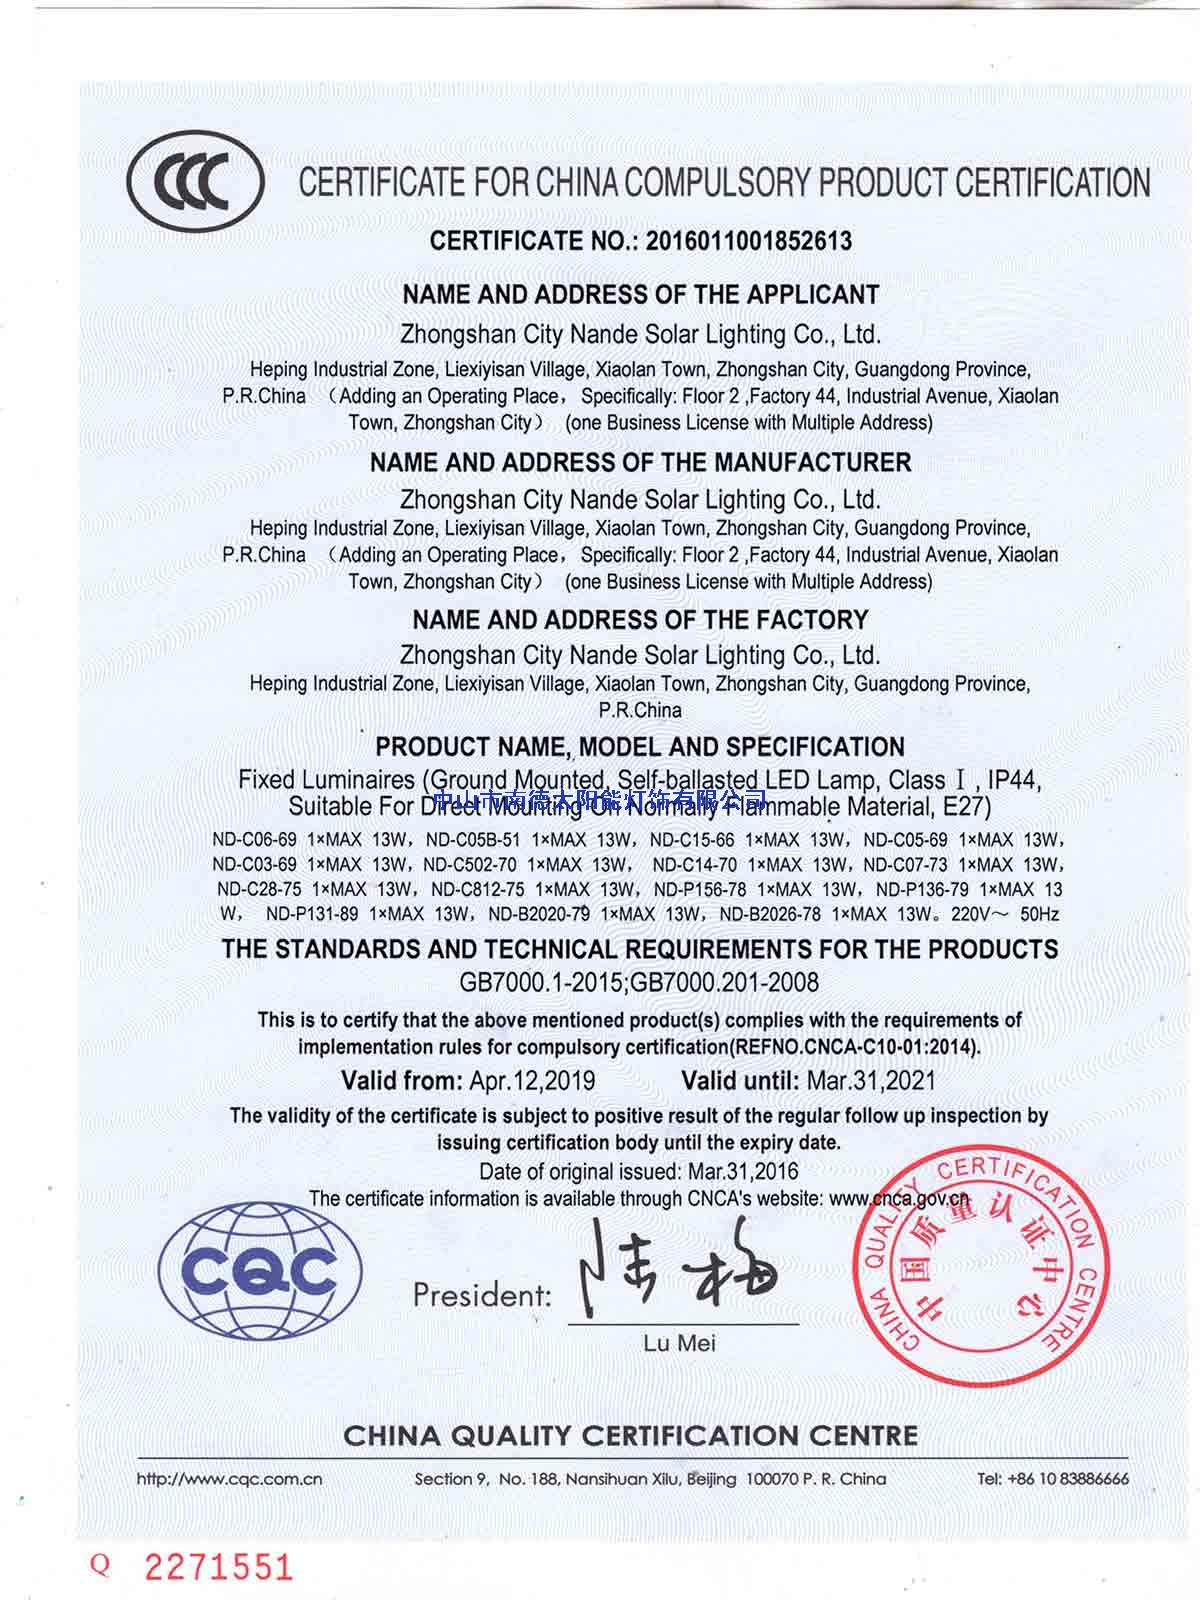 中国国家强制性产品3C认证证书,英文版